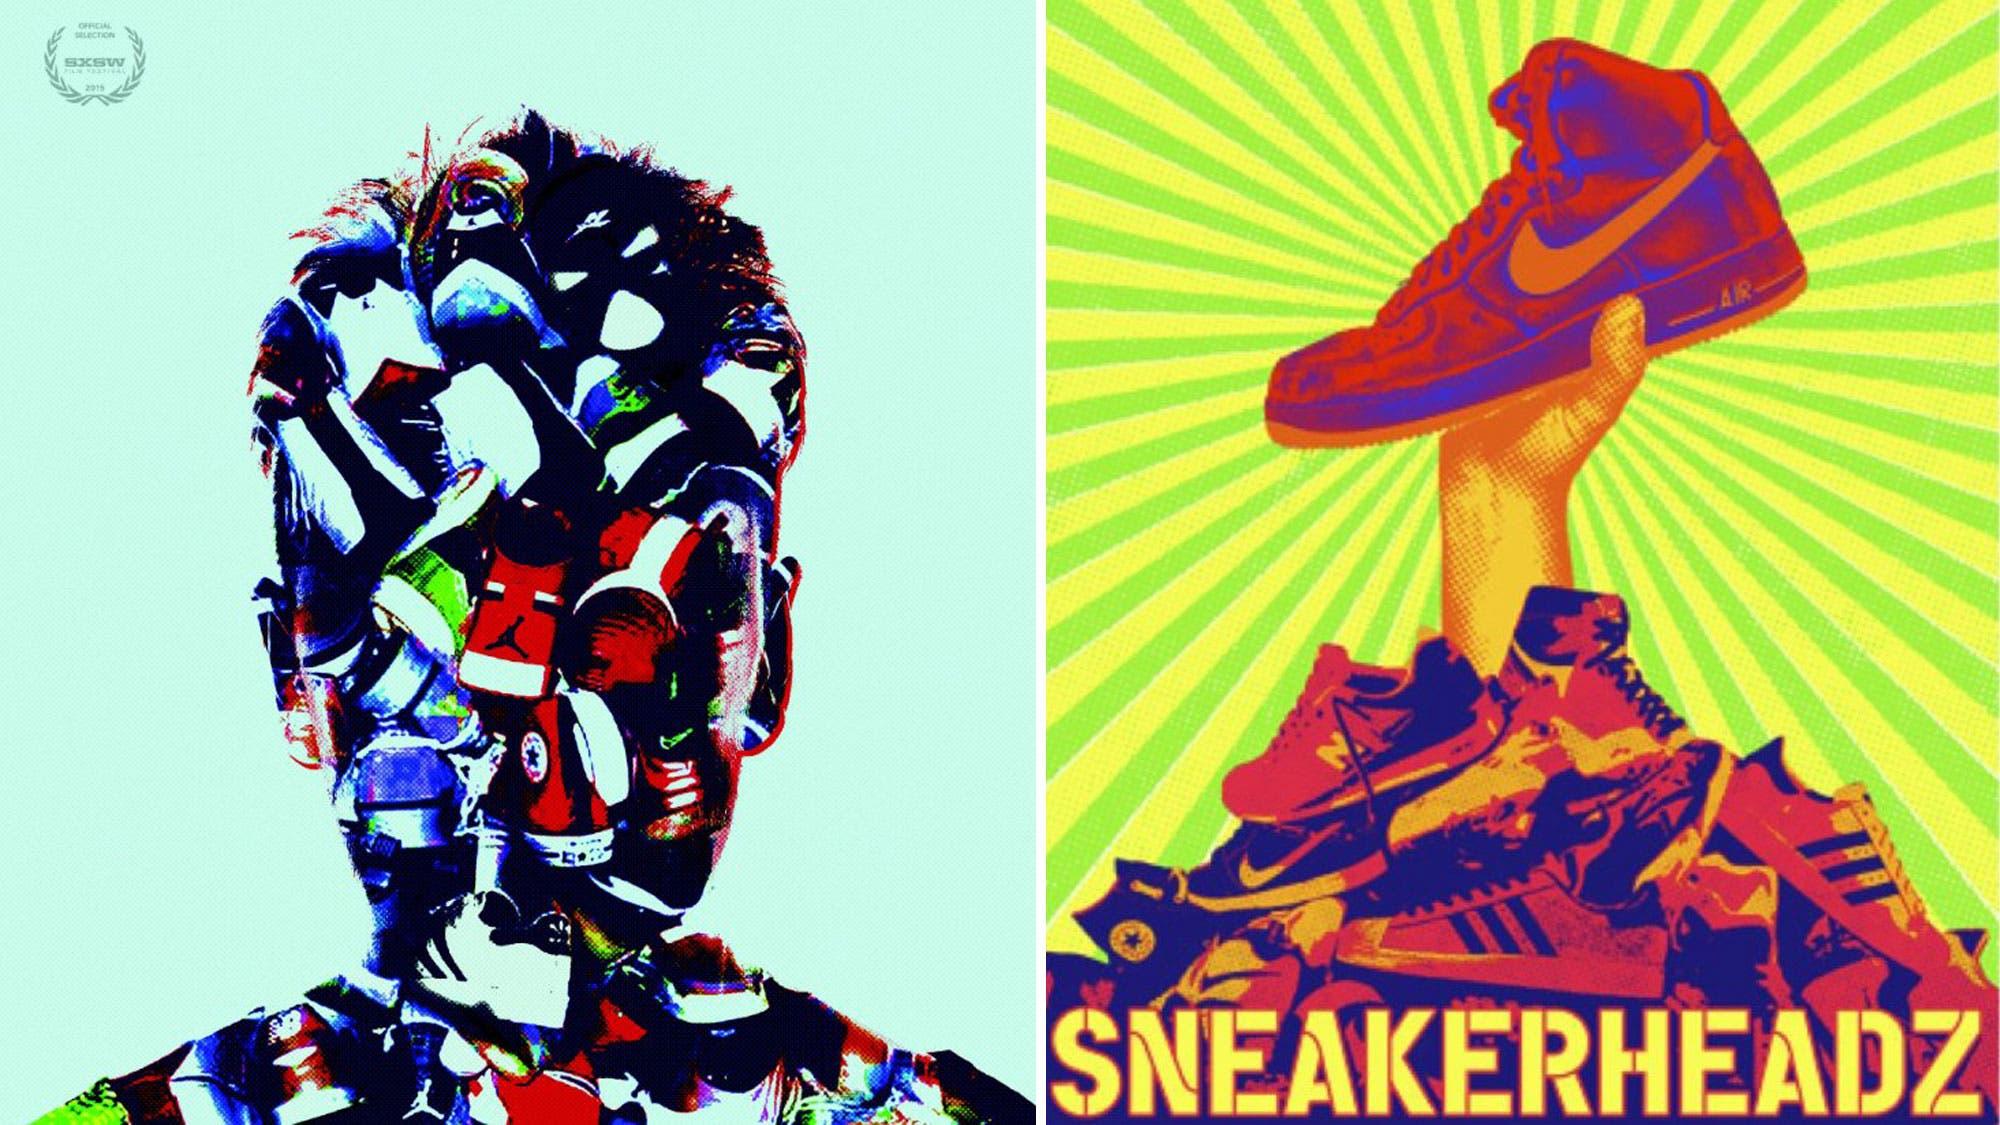 605d3abffbe98 Qué hay por detrás de una persona que se gasta todo su sueldo en zapatillas  - LA NACION